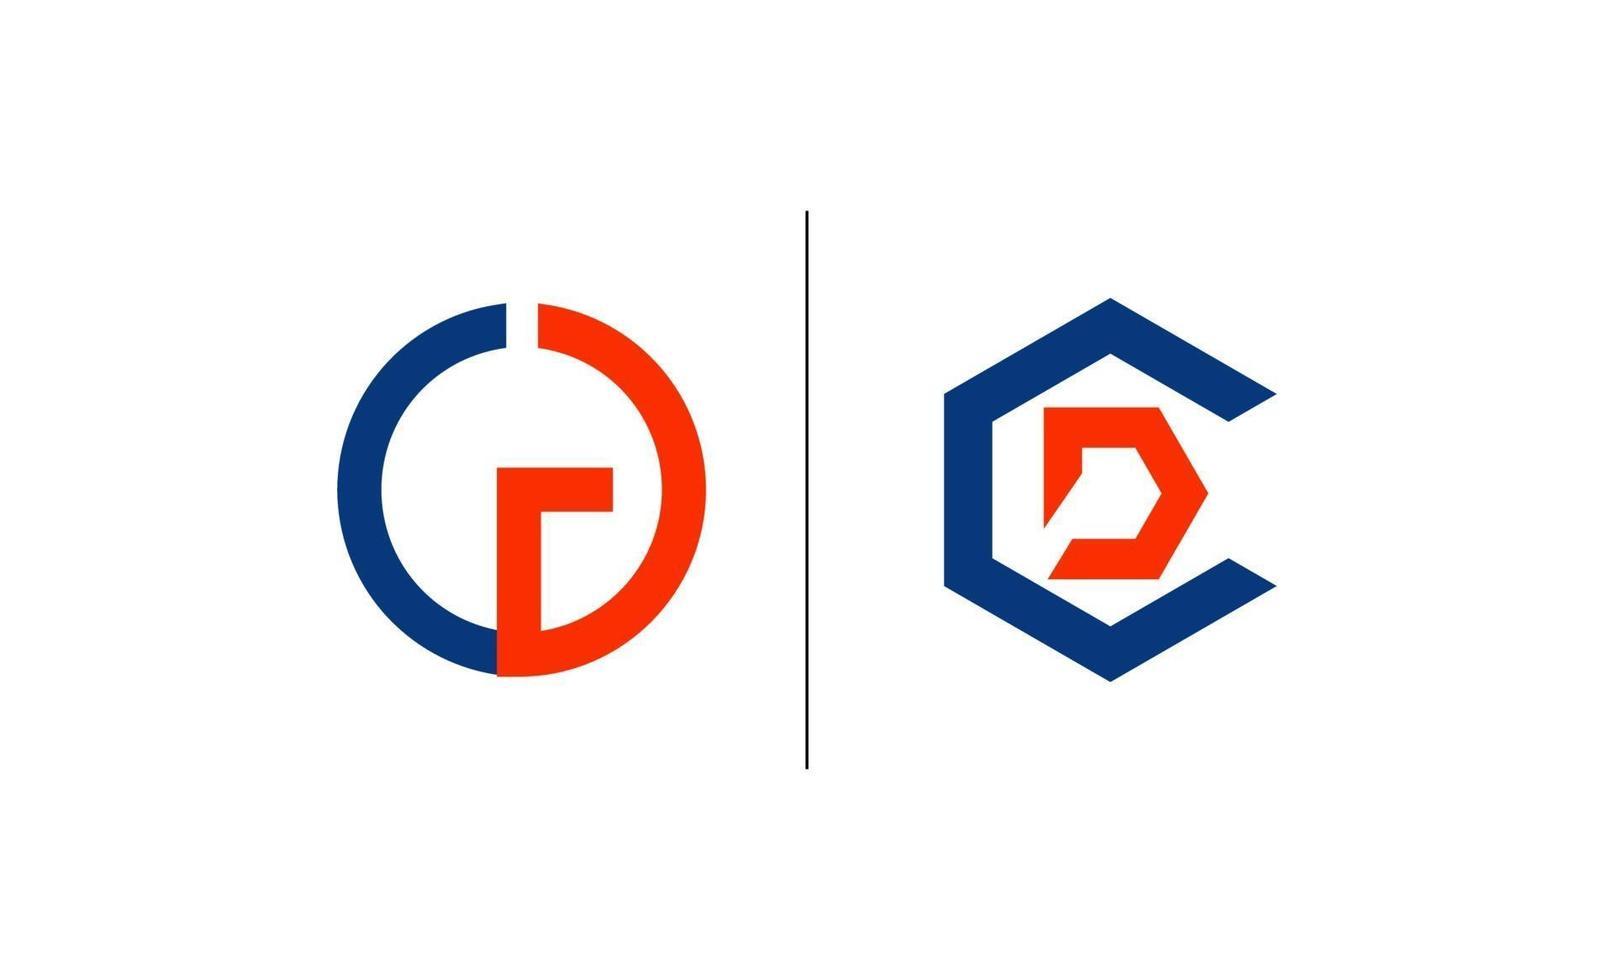 första cd-logotyp mall design vektor